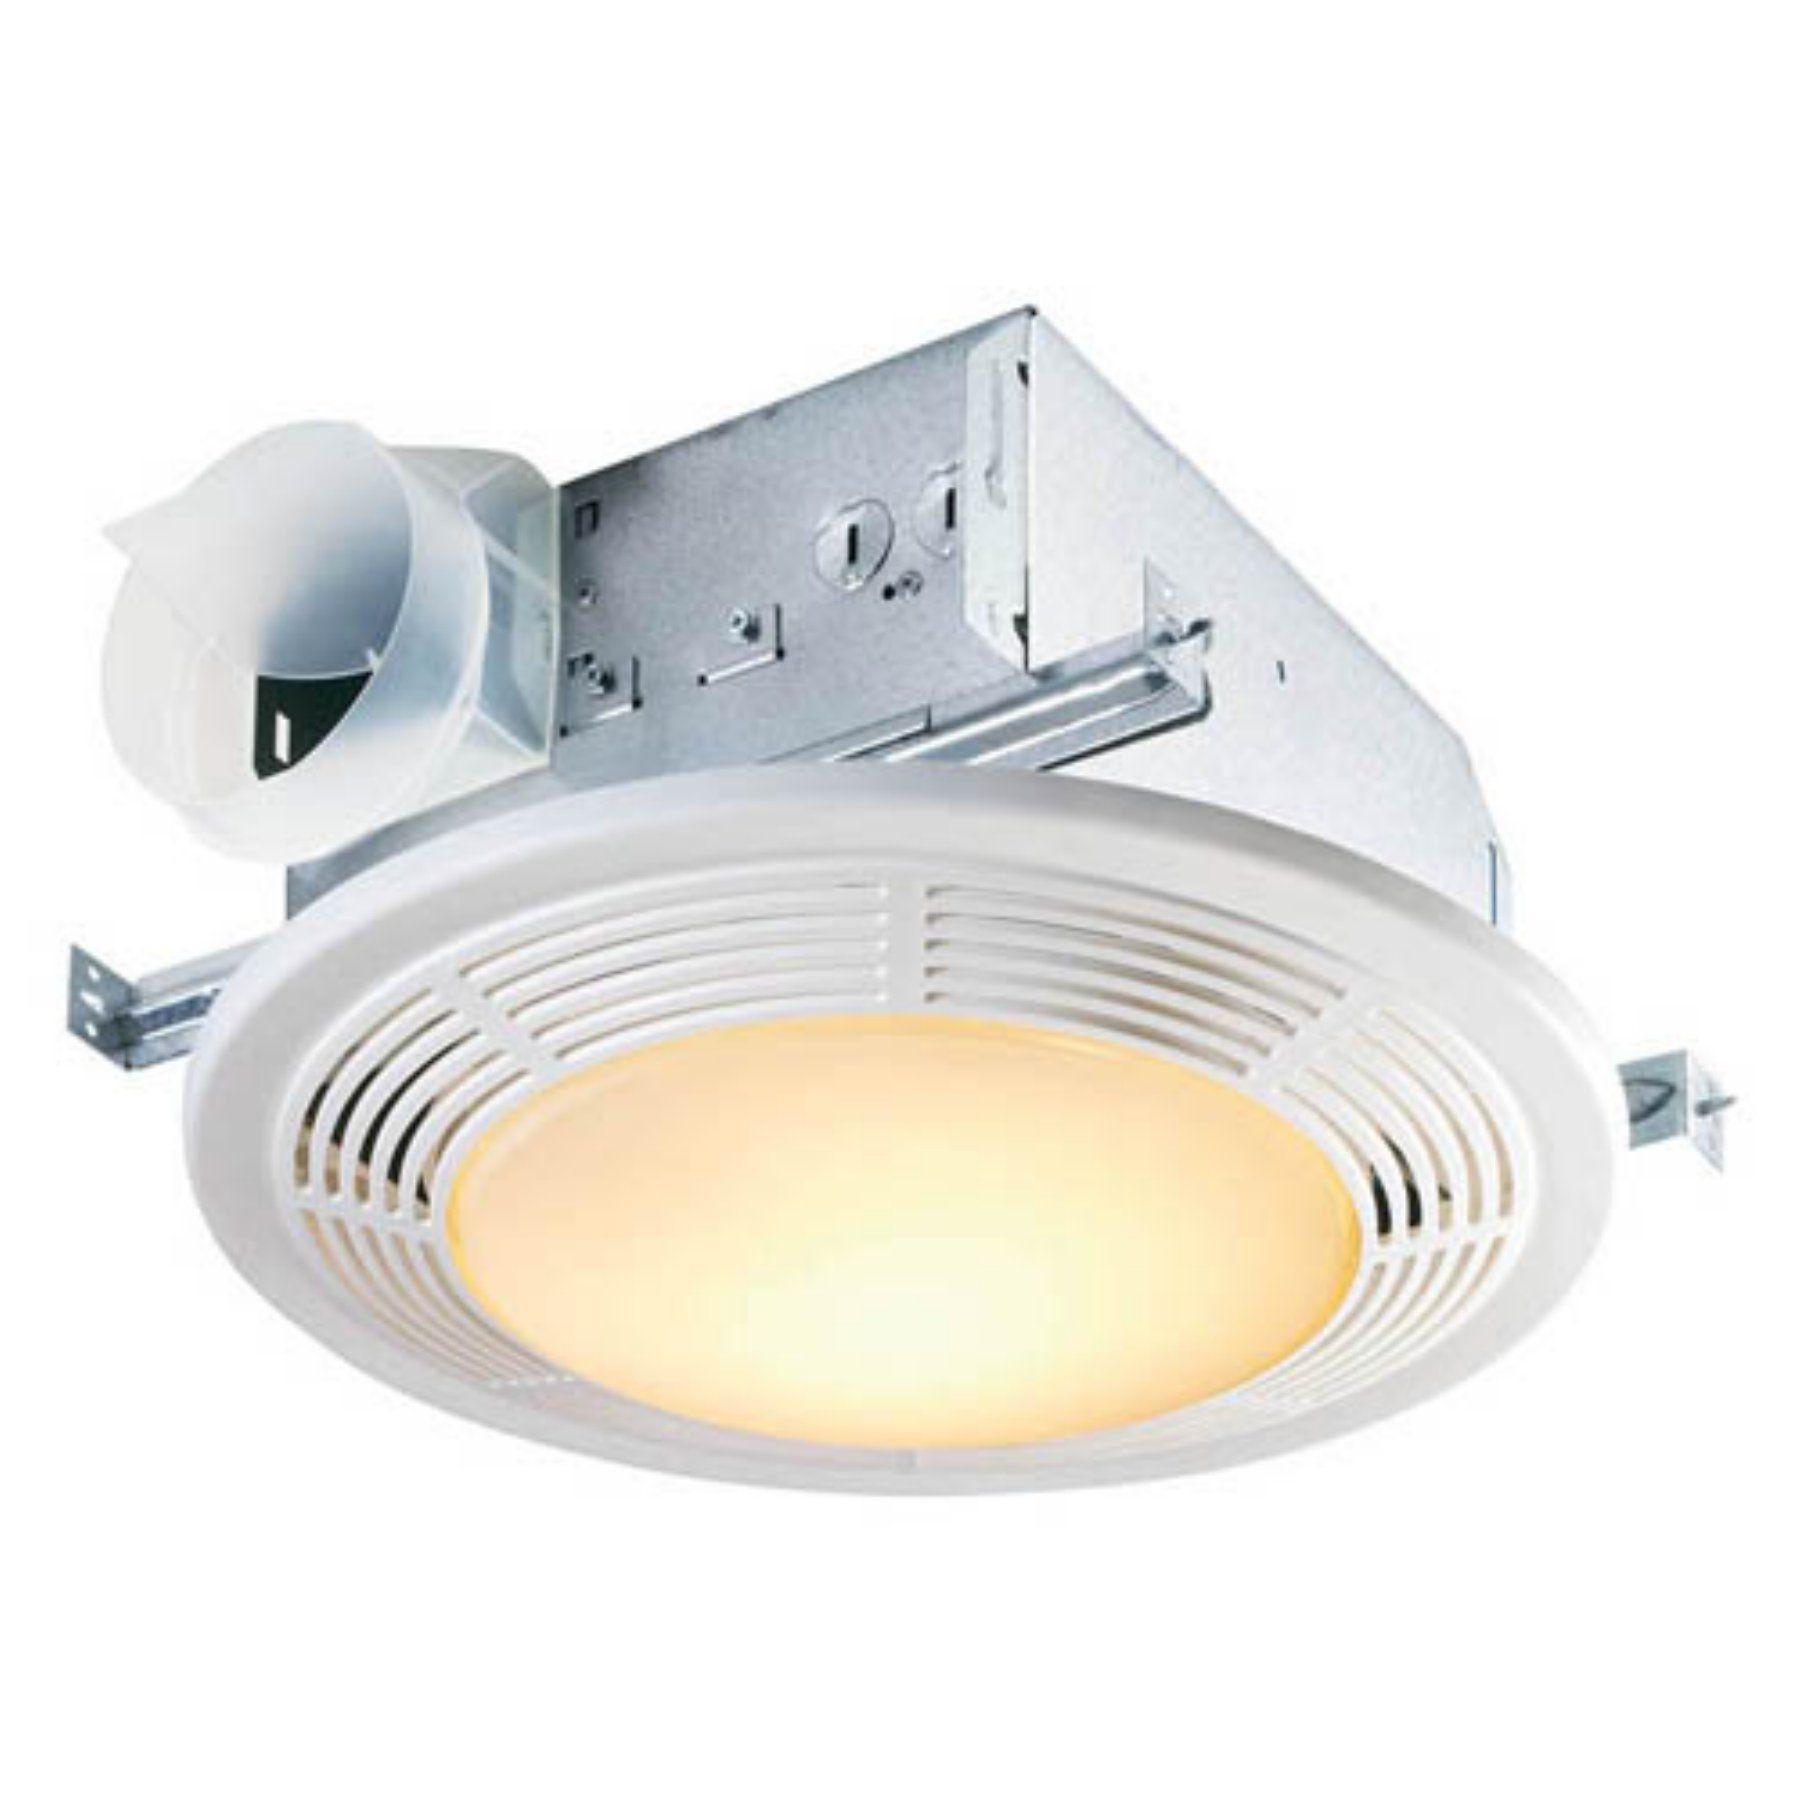 Broan Nutone 8664rp Combination Fan Light Fan Light Bath Fan